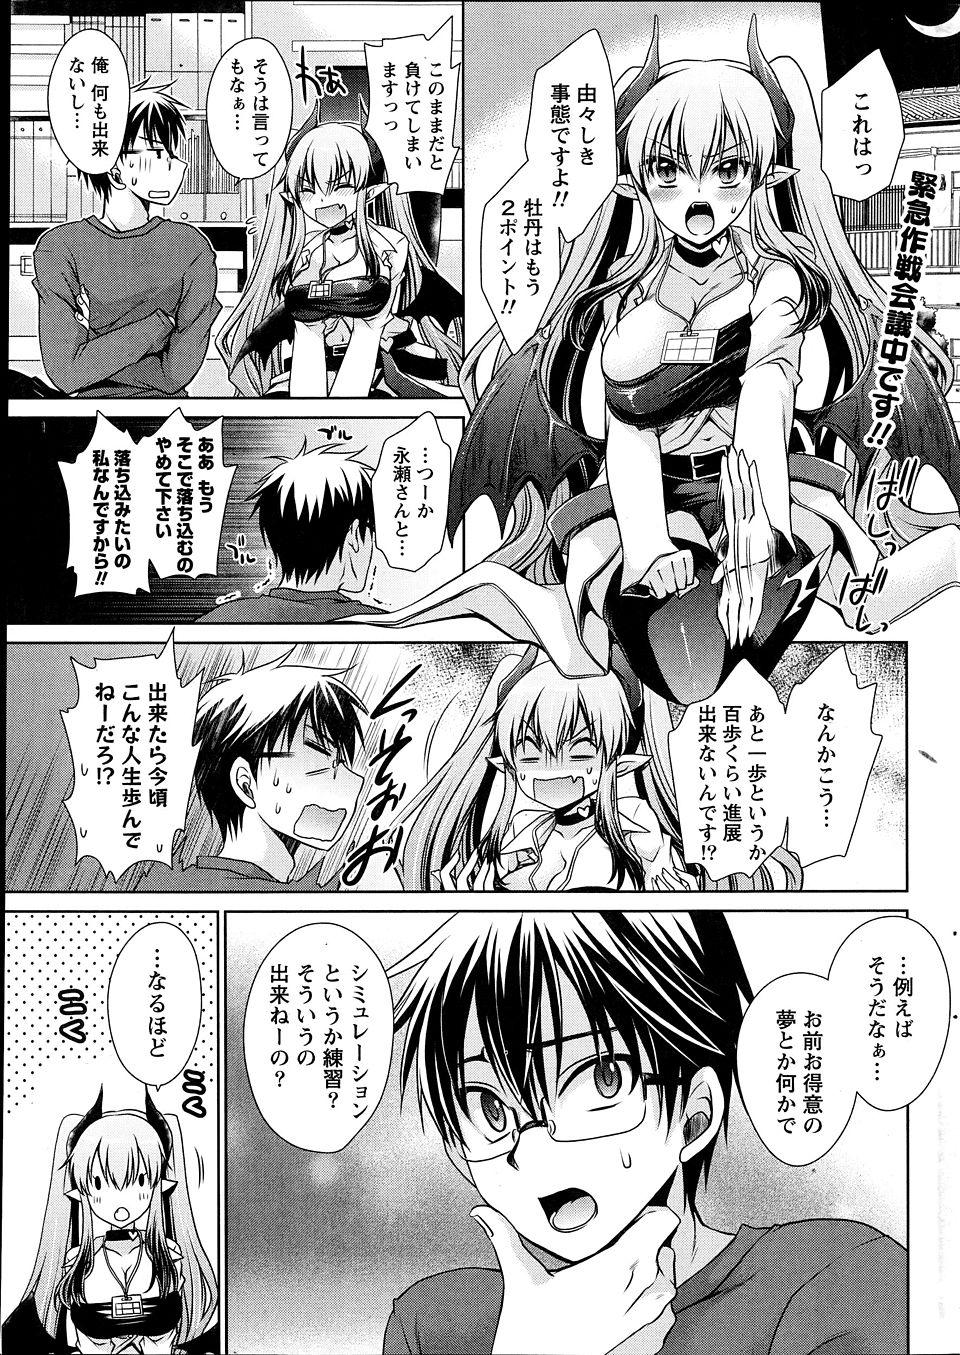 【エロ漫画・エロ同人】好きだった巨乳娘と付き合うようになってドキドキ初エッチwww (1)